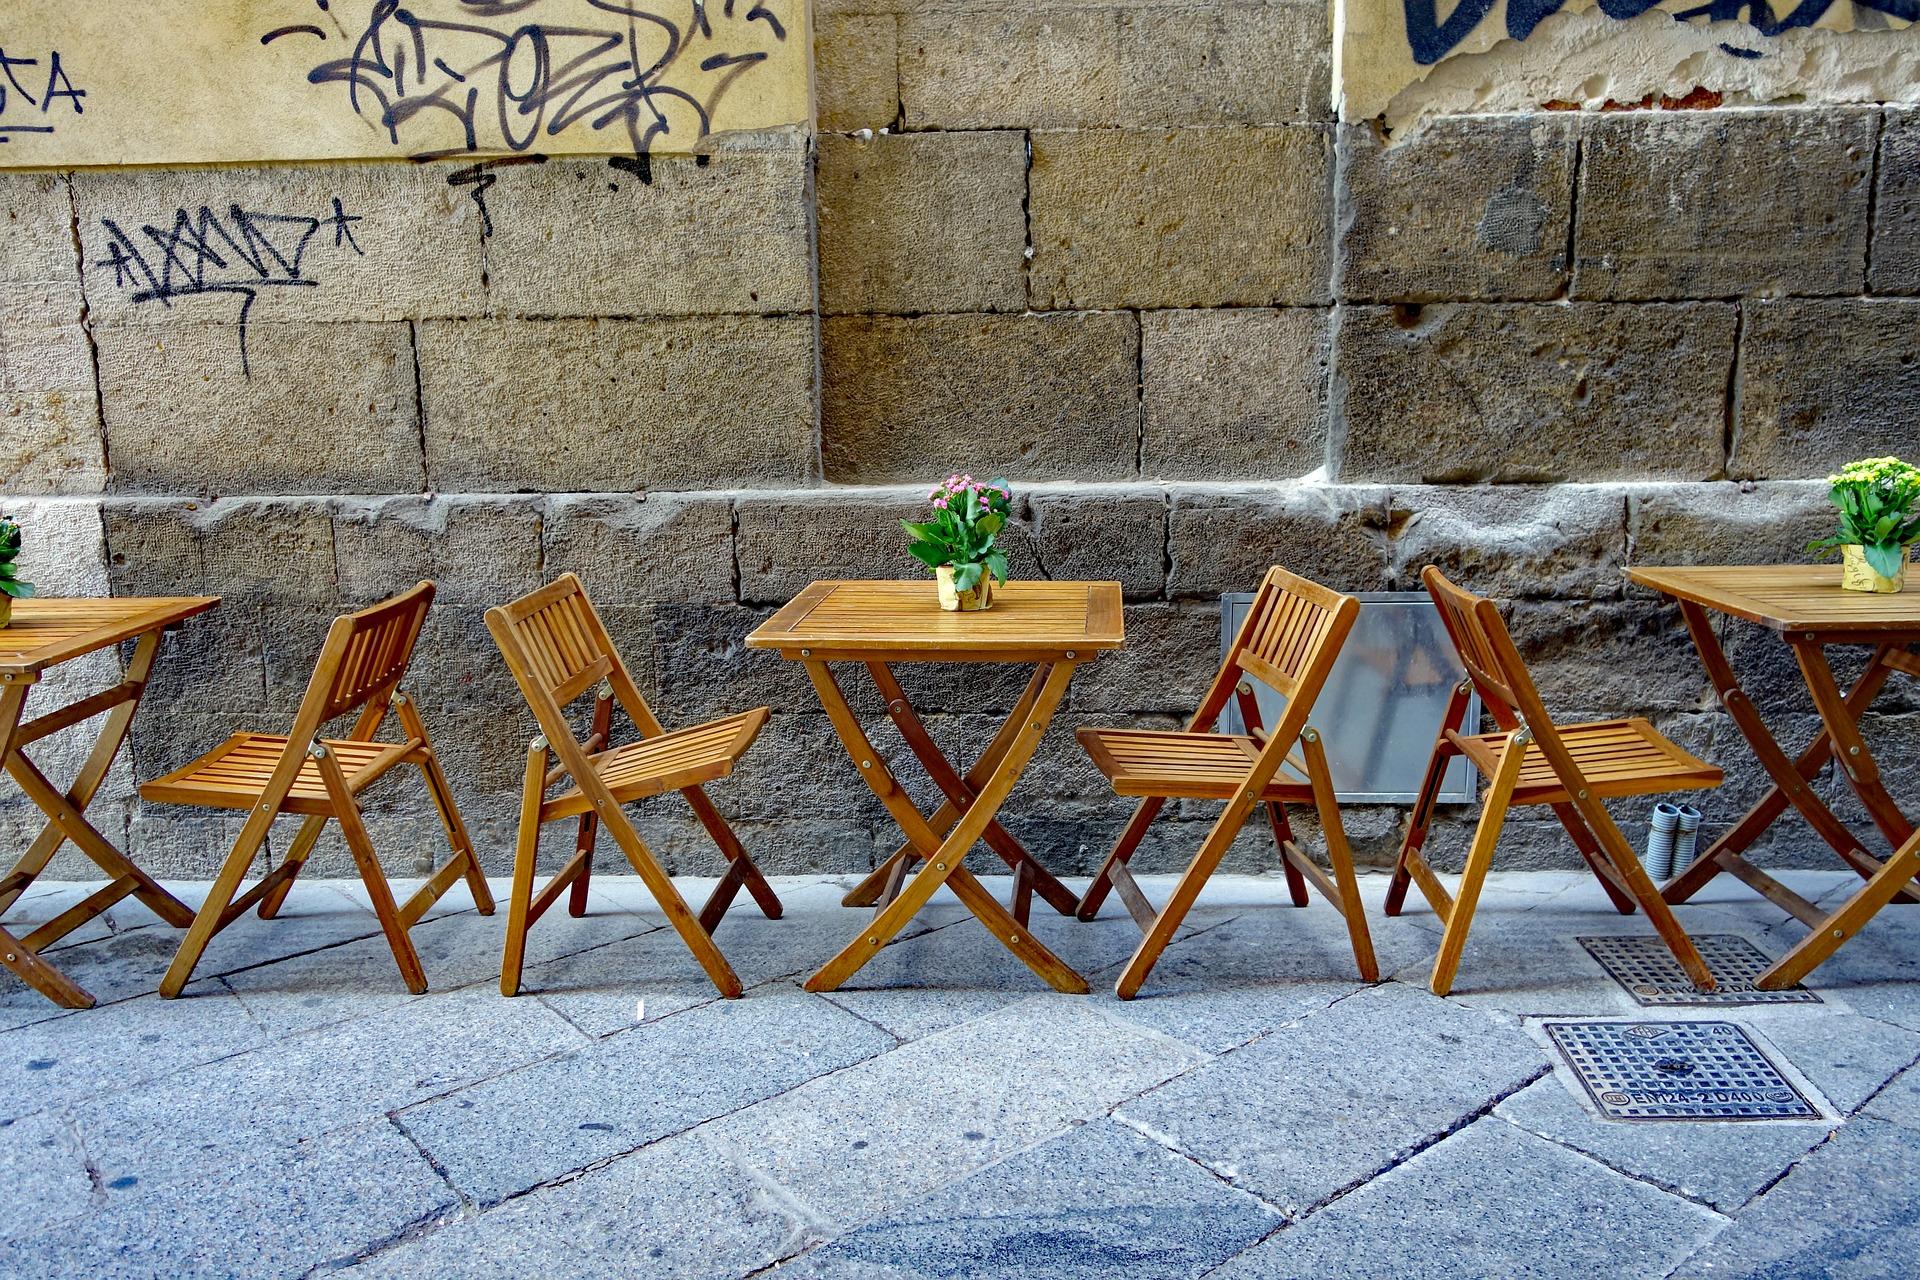 Klappstühle und Holztische eines Straßencafes